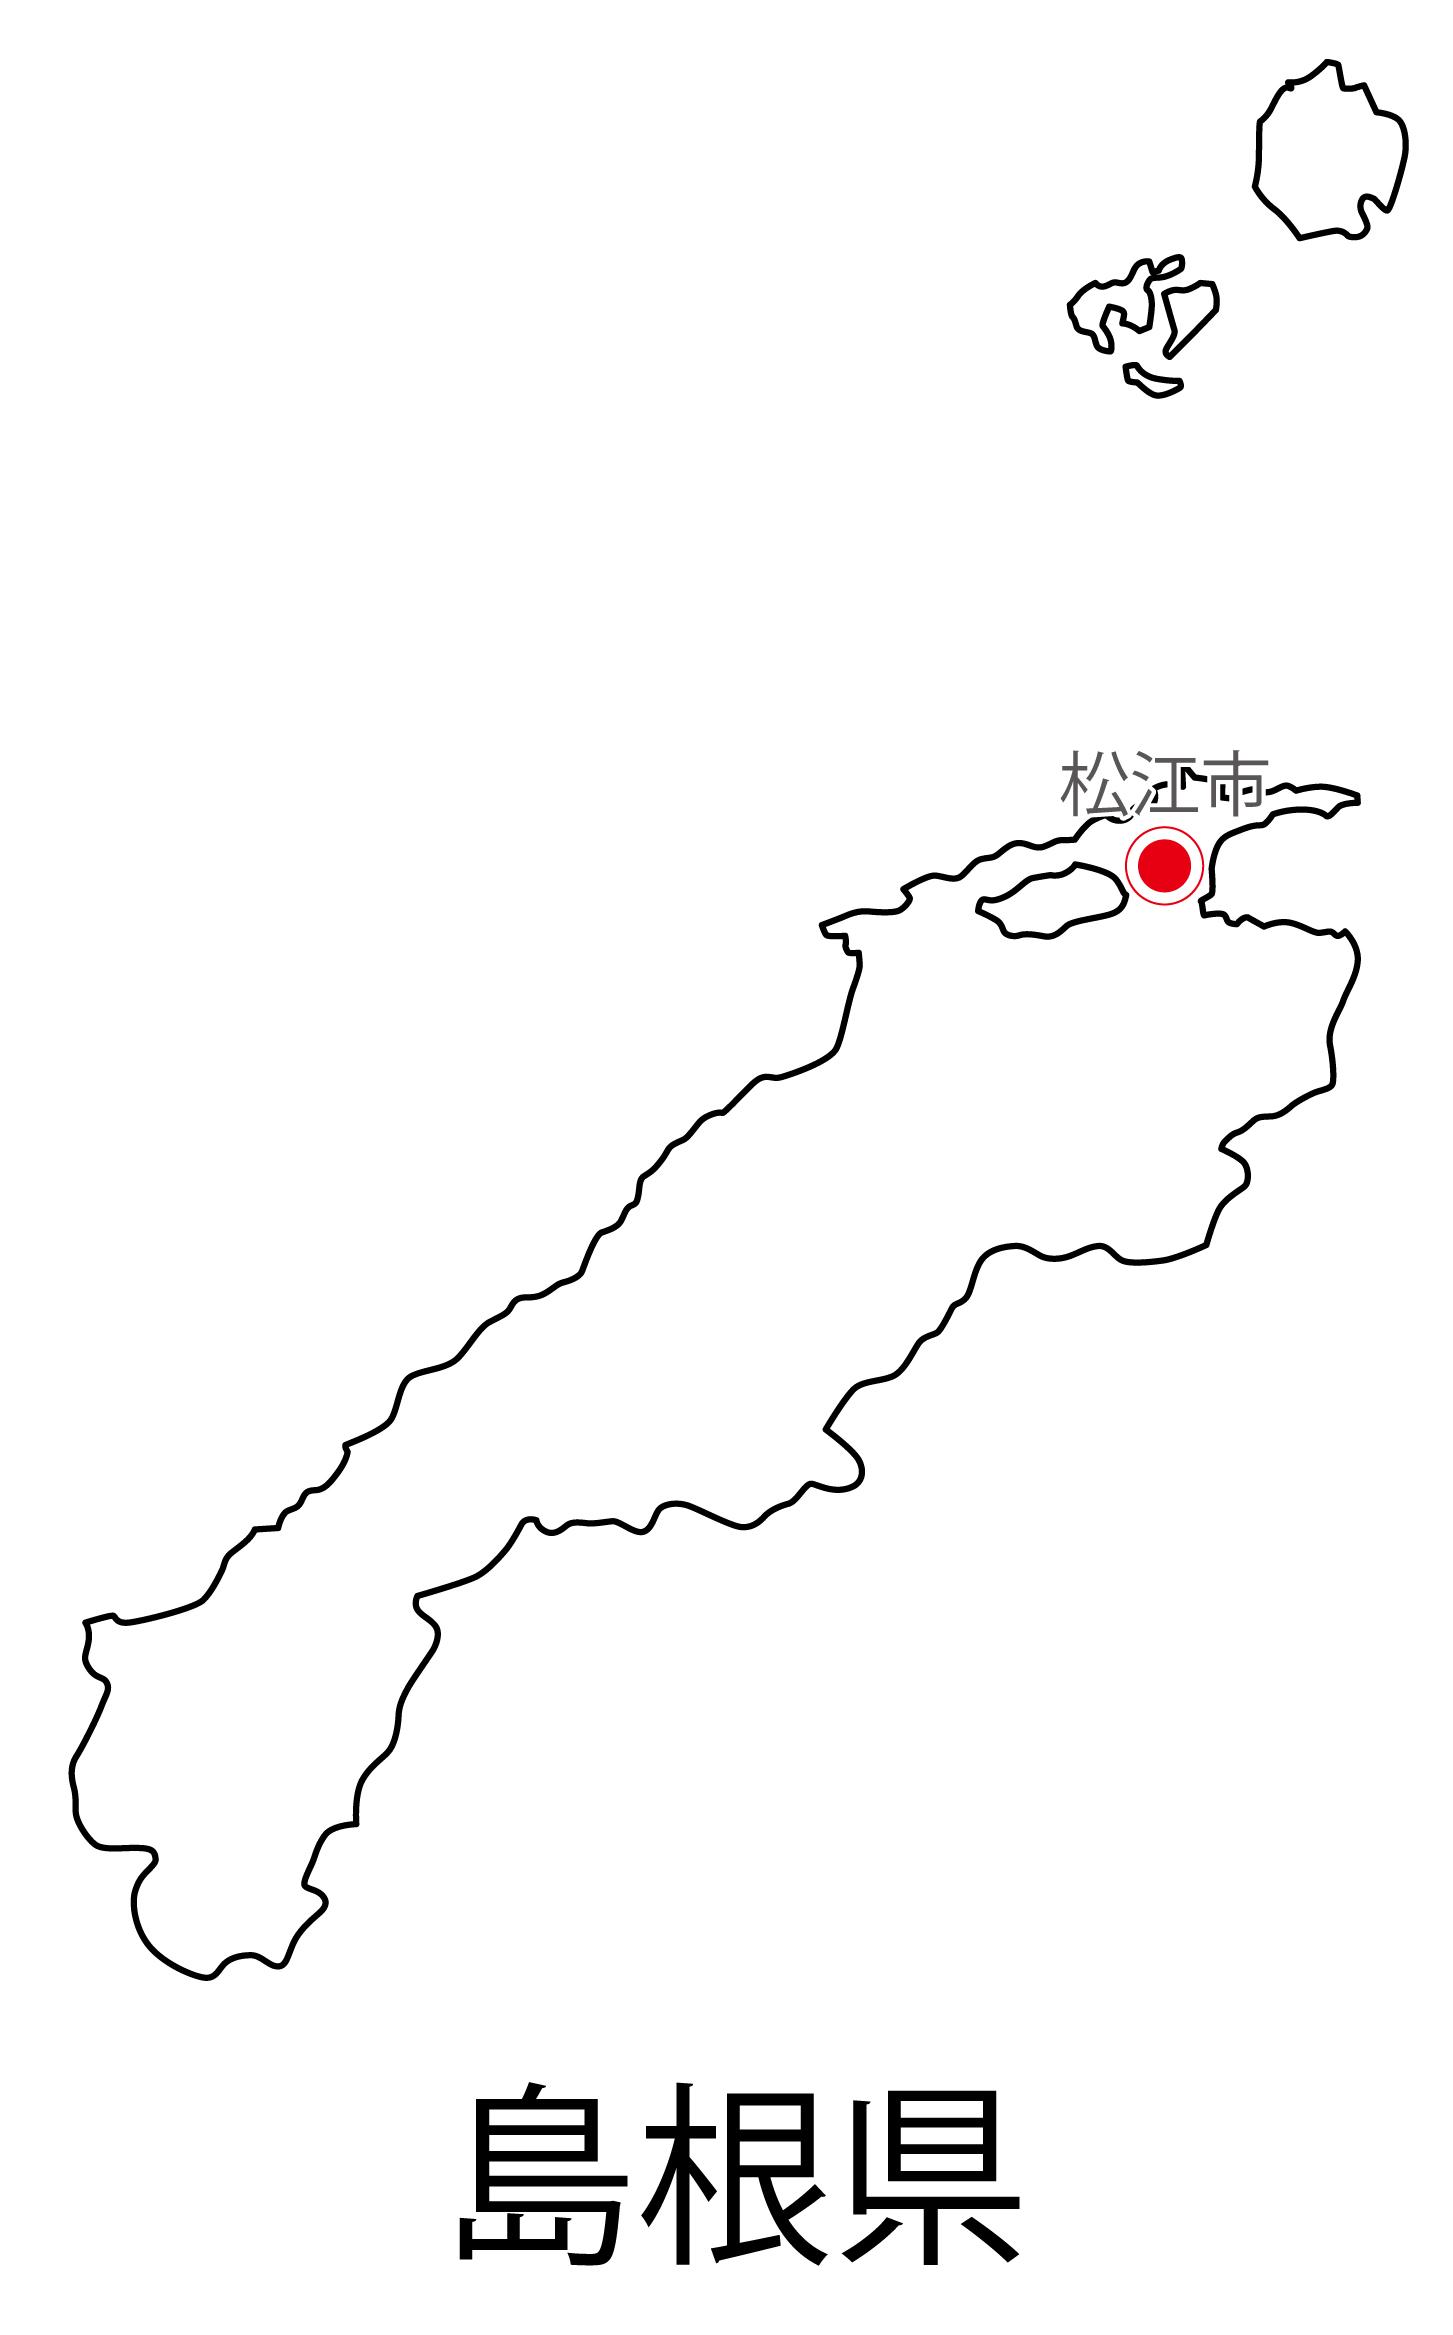 島根県無料フリーイラスト|日本語・都道府県名あり・県庁所在地あり(白)